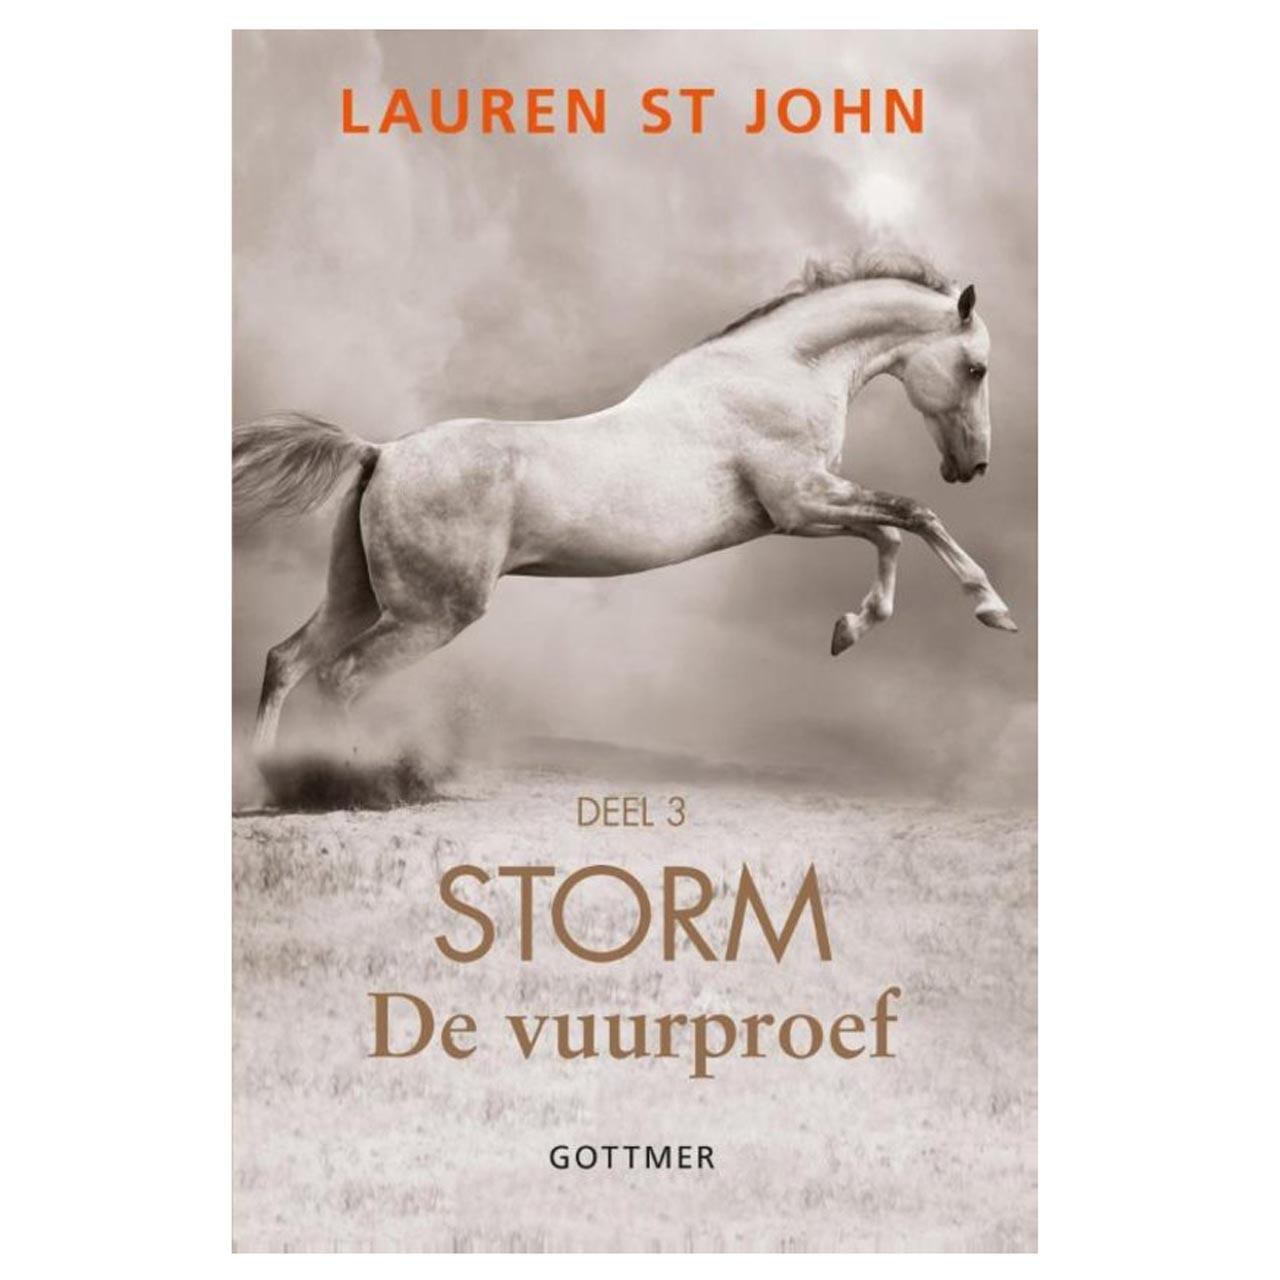 Storm, de vuurproef deel III